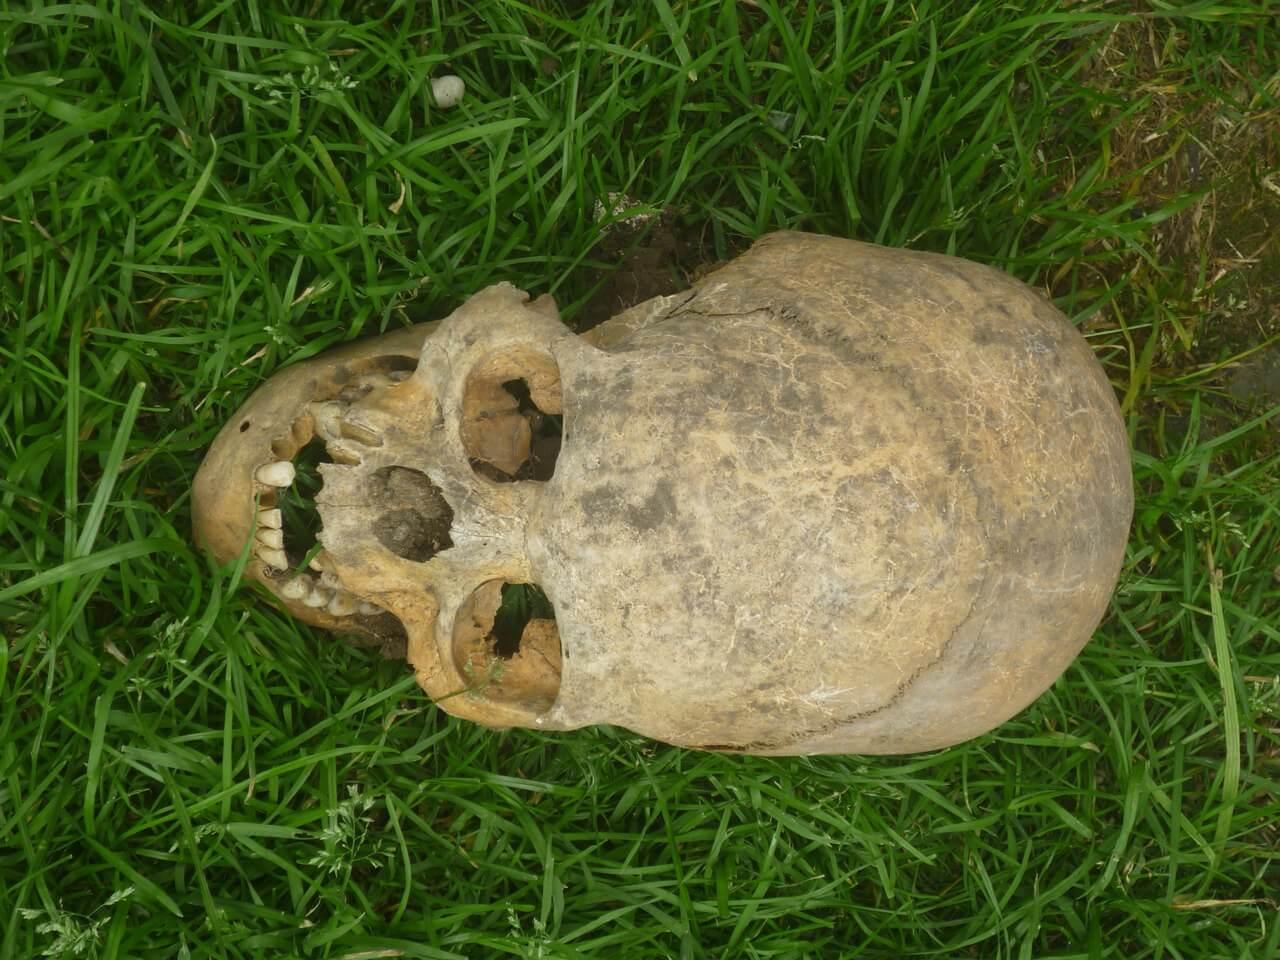 В Кабардино-Балкарии найдено захоронение людей с длинными черепами (2 фото)